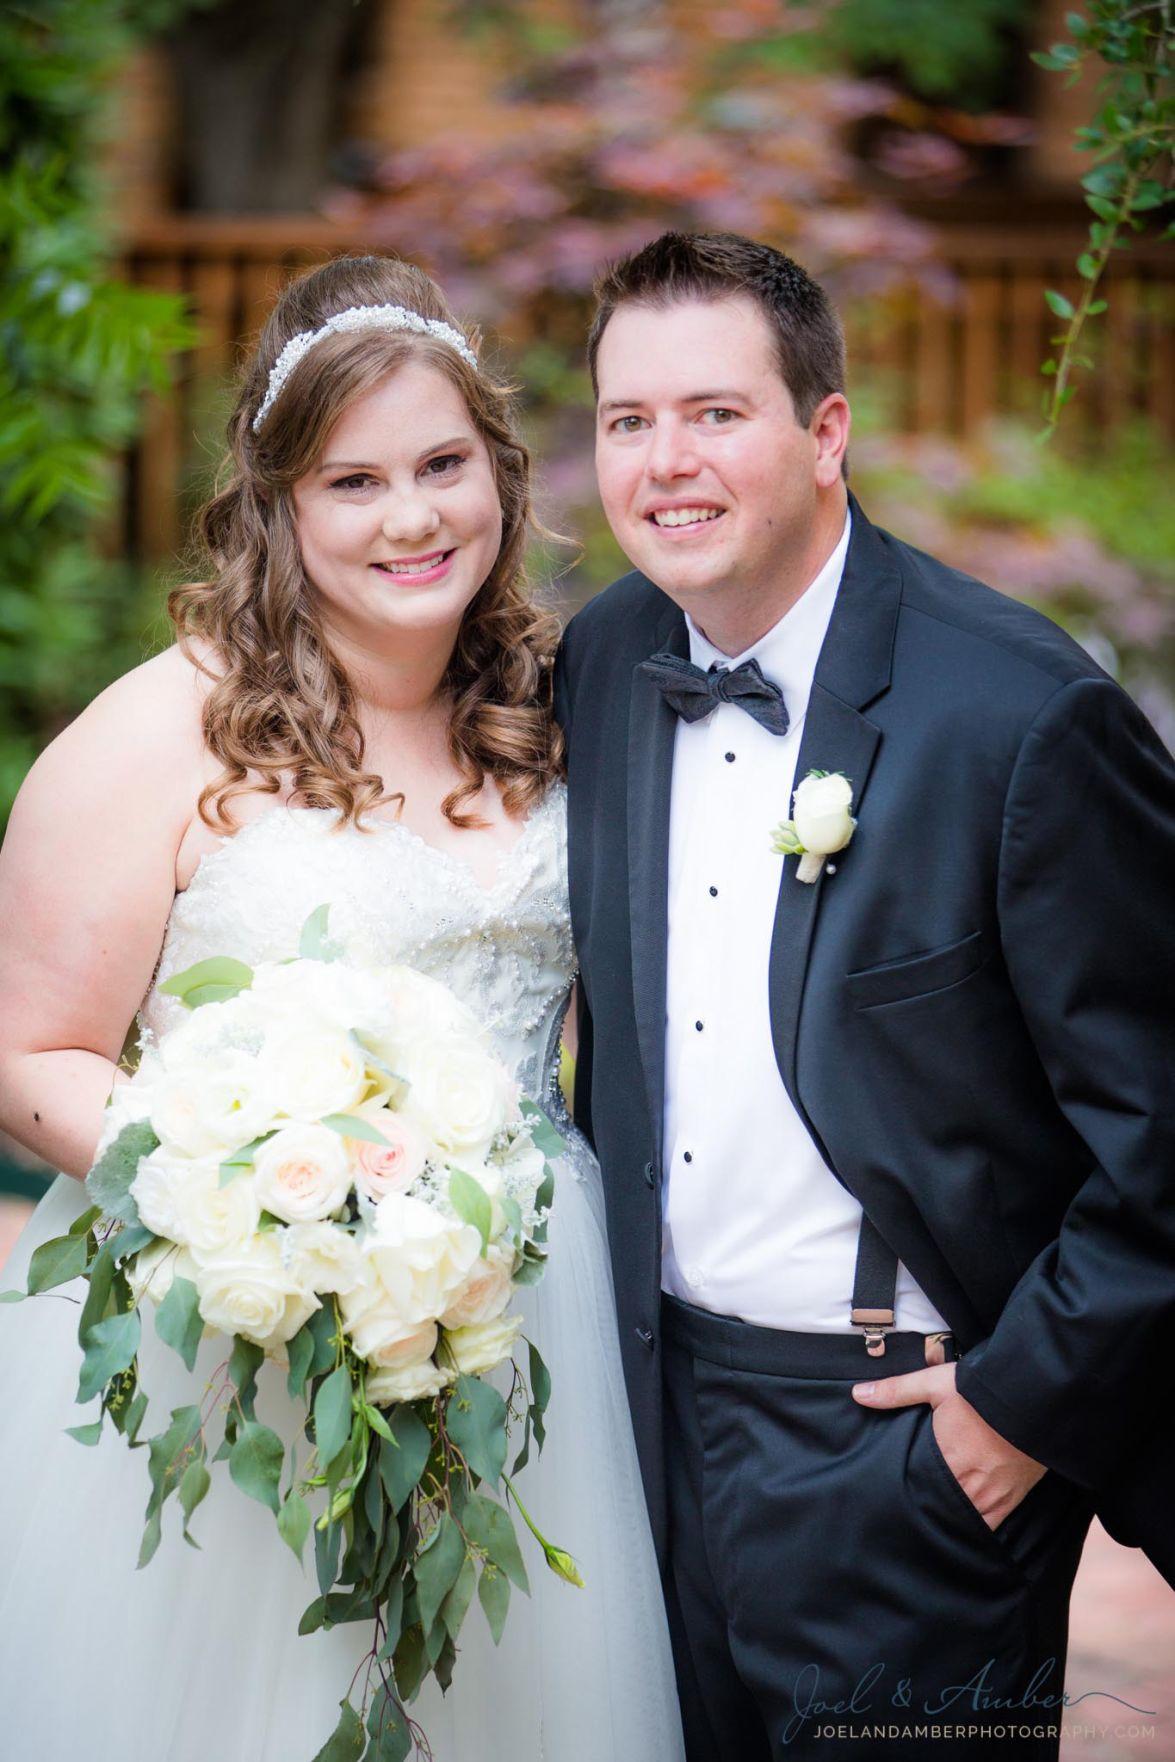 Kaela Lauren McGuire and Matthew Richard Hamby